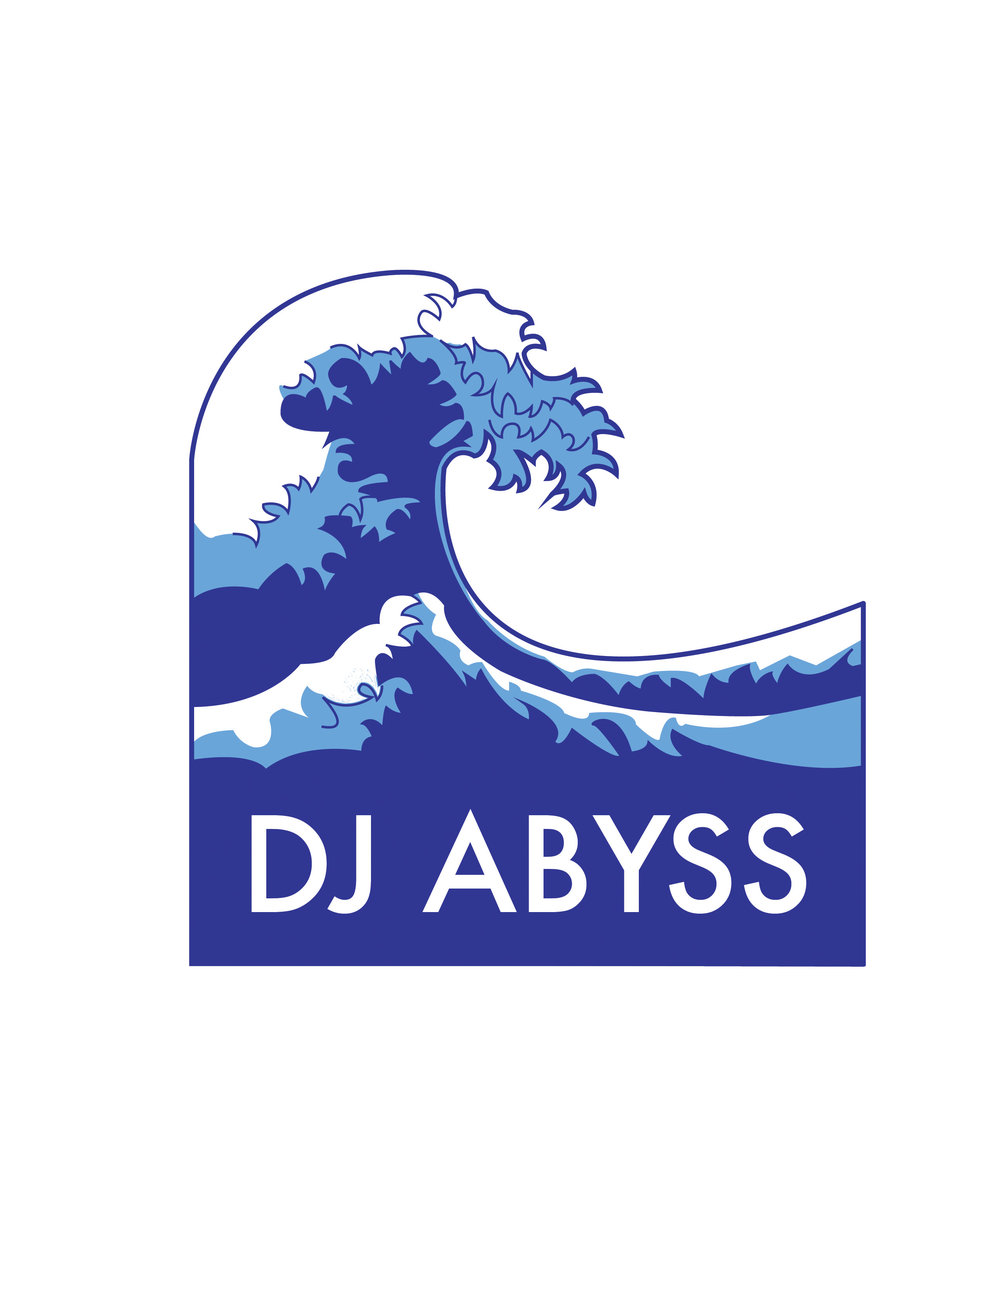 DJAbyssColor-01 copy.jpg